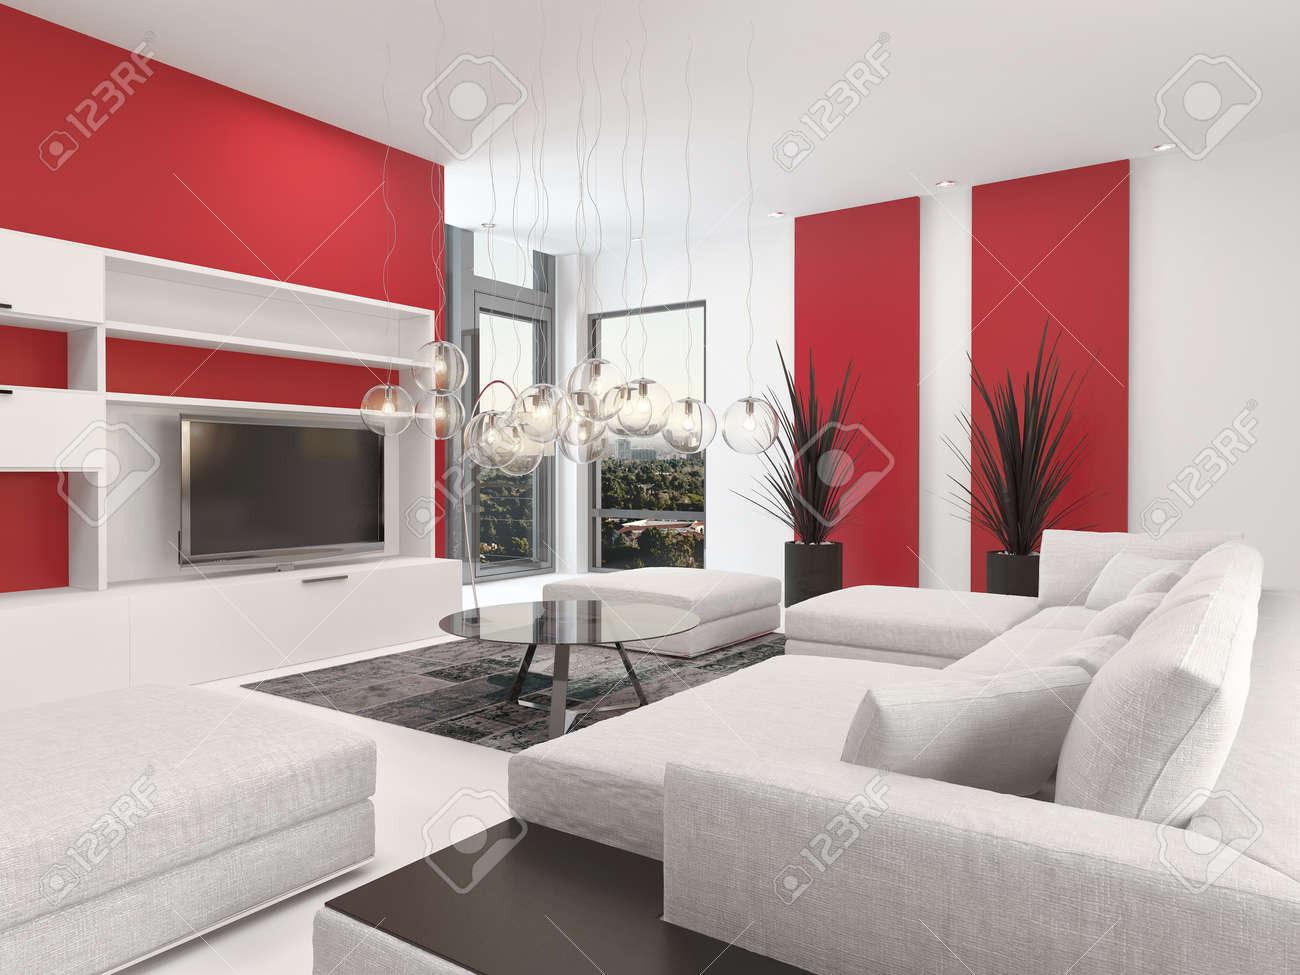 Elegant Moderne Wohnzimmer Innenraum Mit Weißem Dekor Und Sitzgruppe Mit Bunten  Pulsierenden Roten Akzenten Und Einem Großen